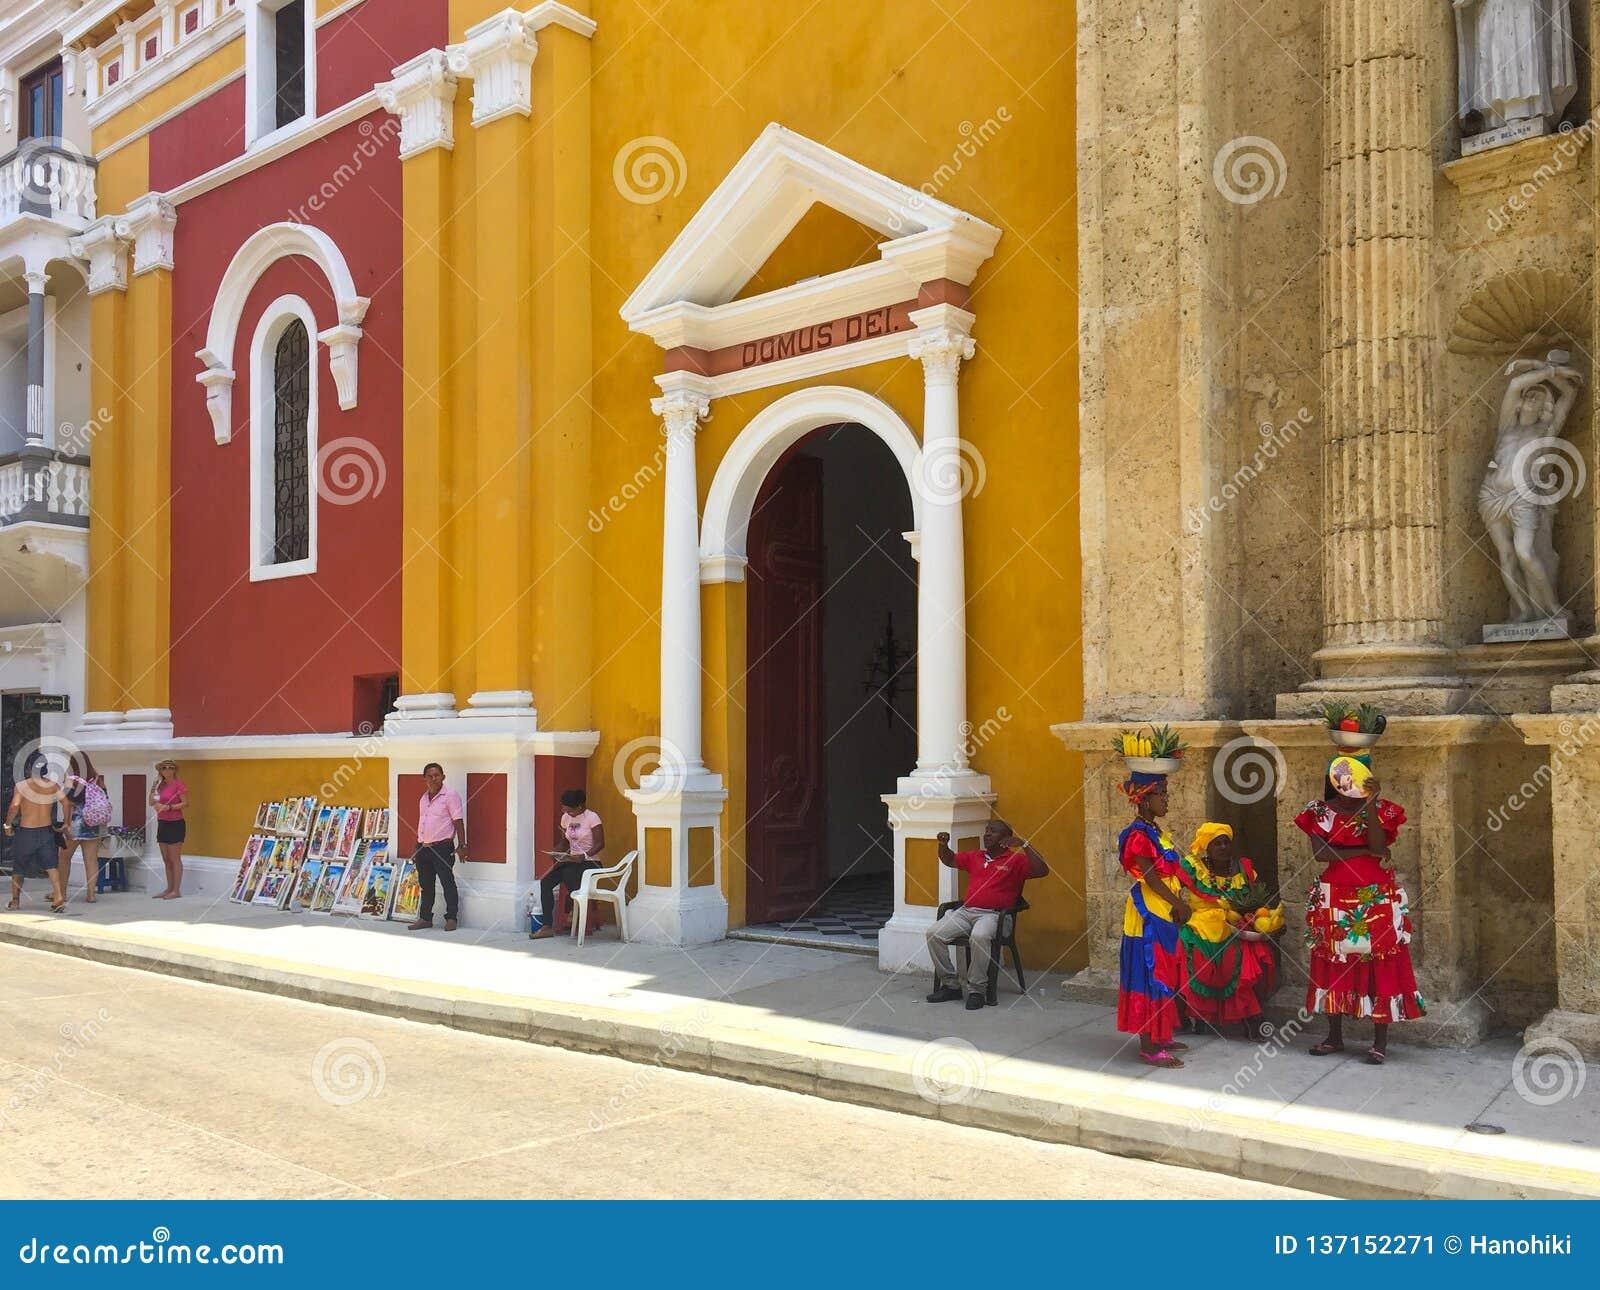 Escena de la calle y fachadas constructivas coloridas de la ciudad vieja en Cartagena, Colombia